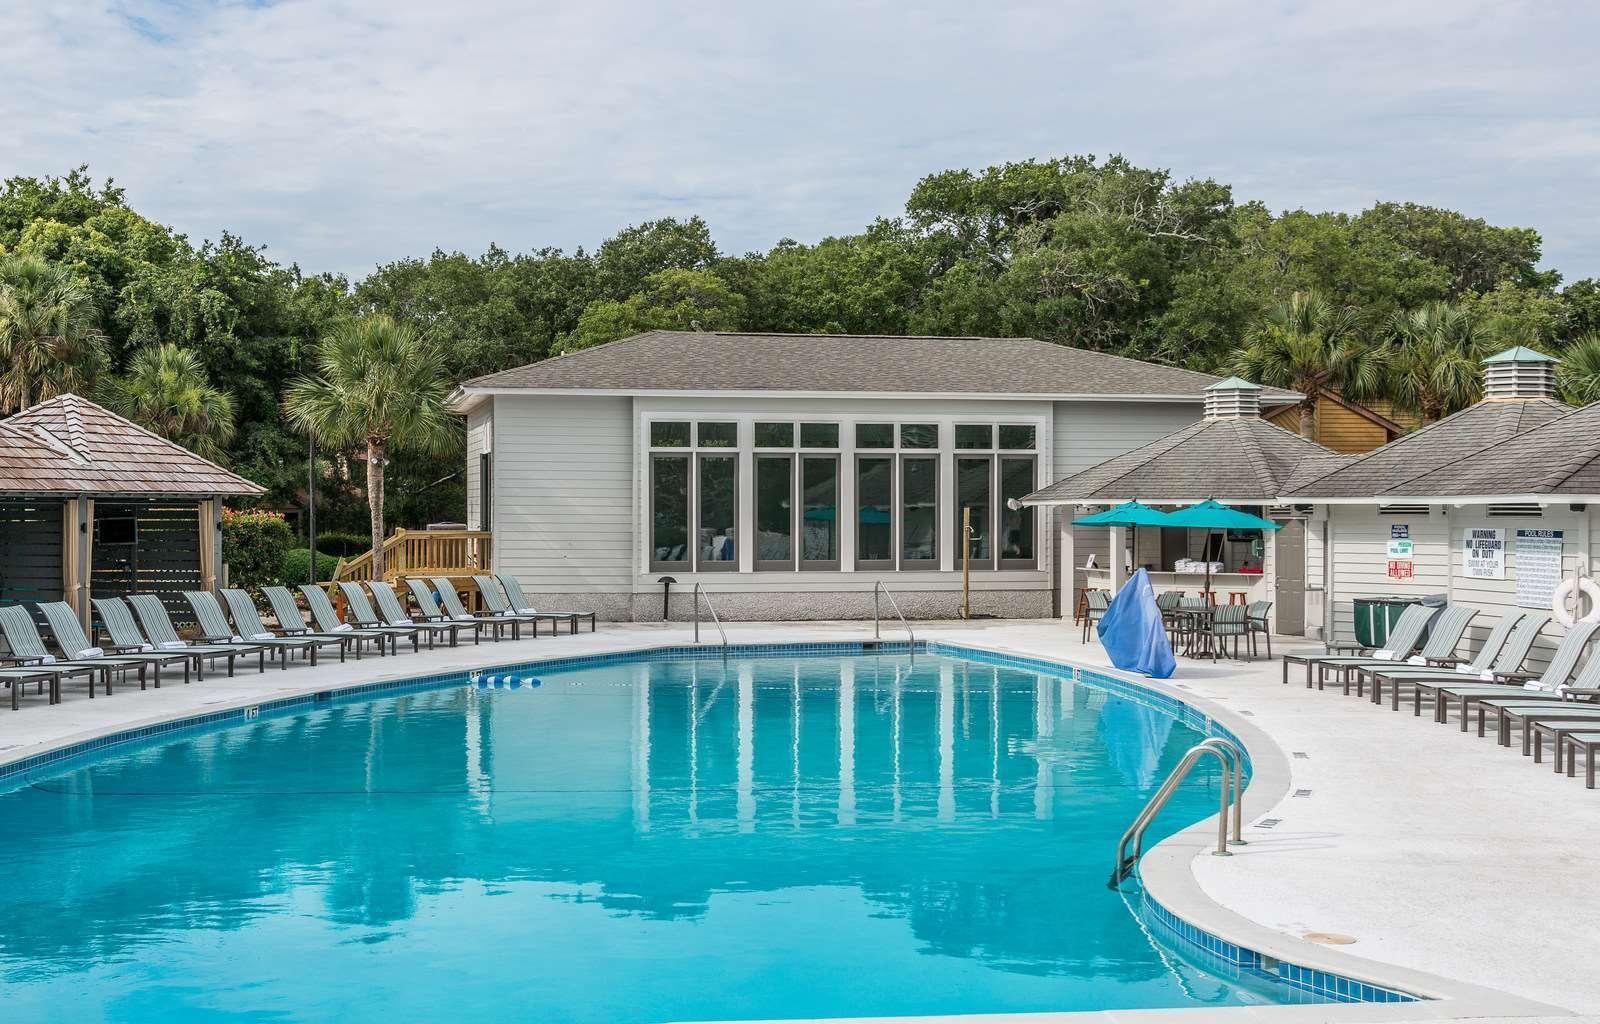 Sea Gate Inn by Sea Palms Resort, Glynn